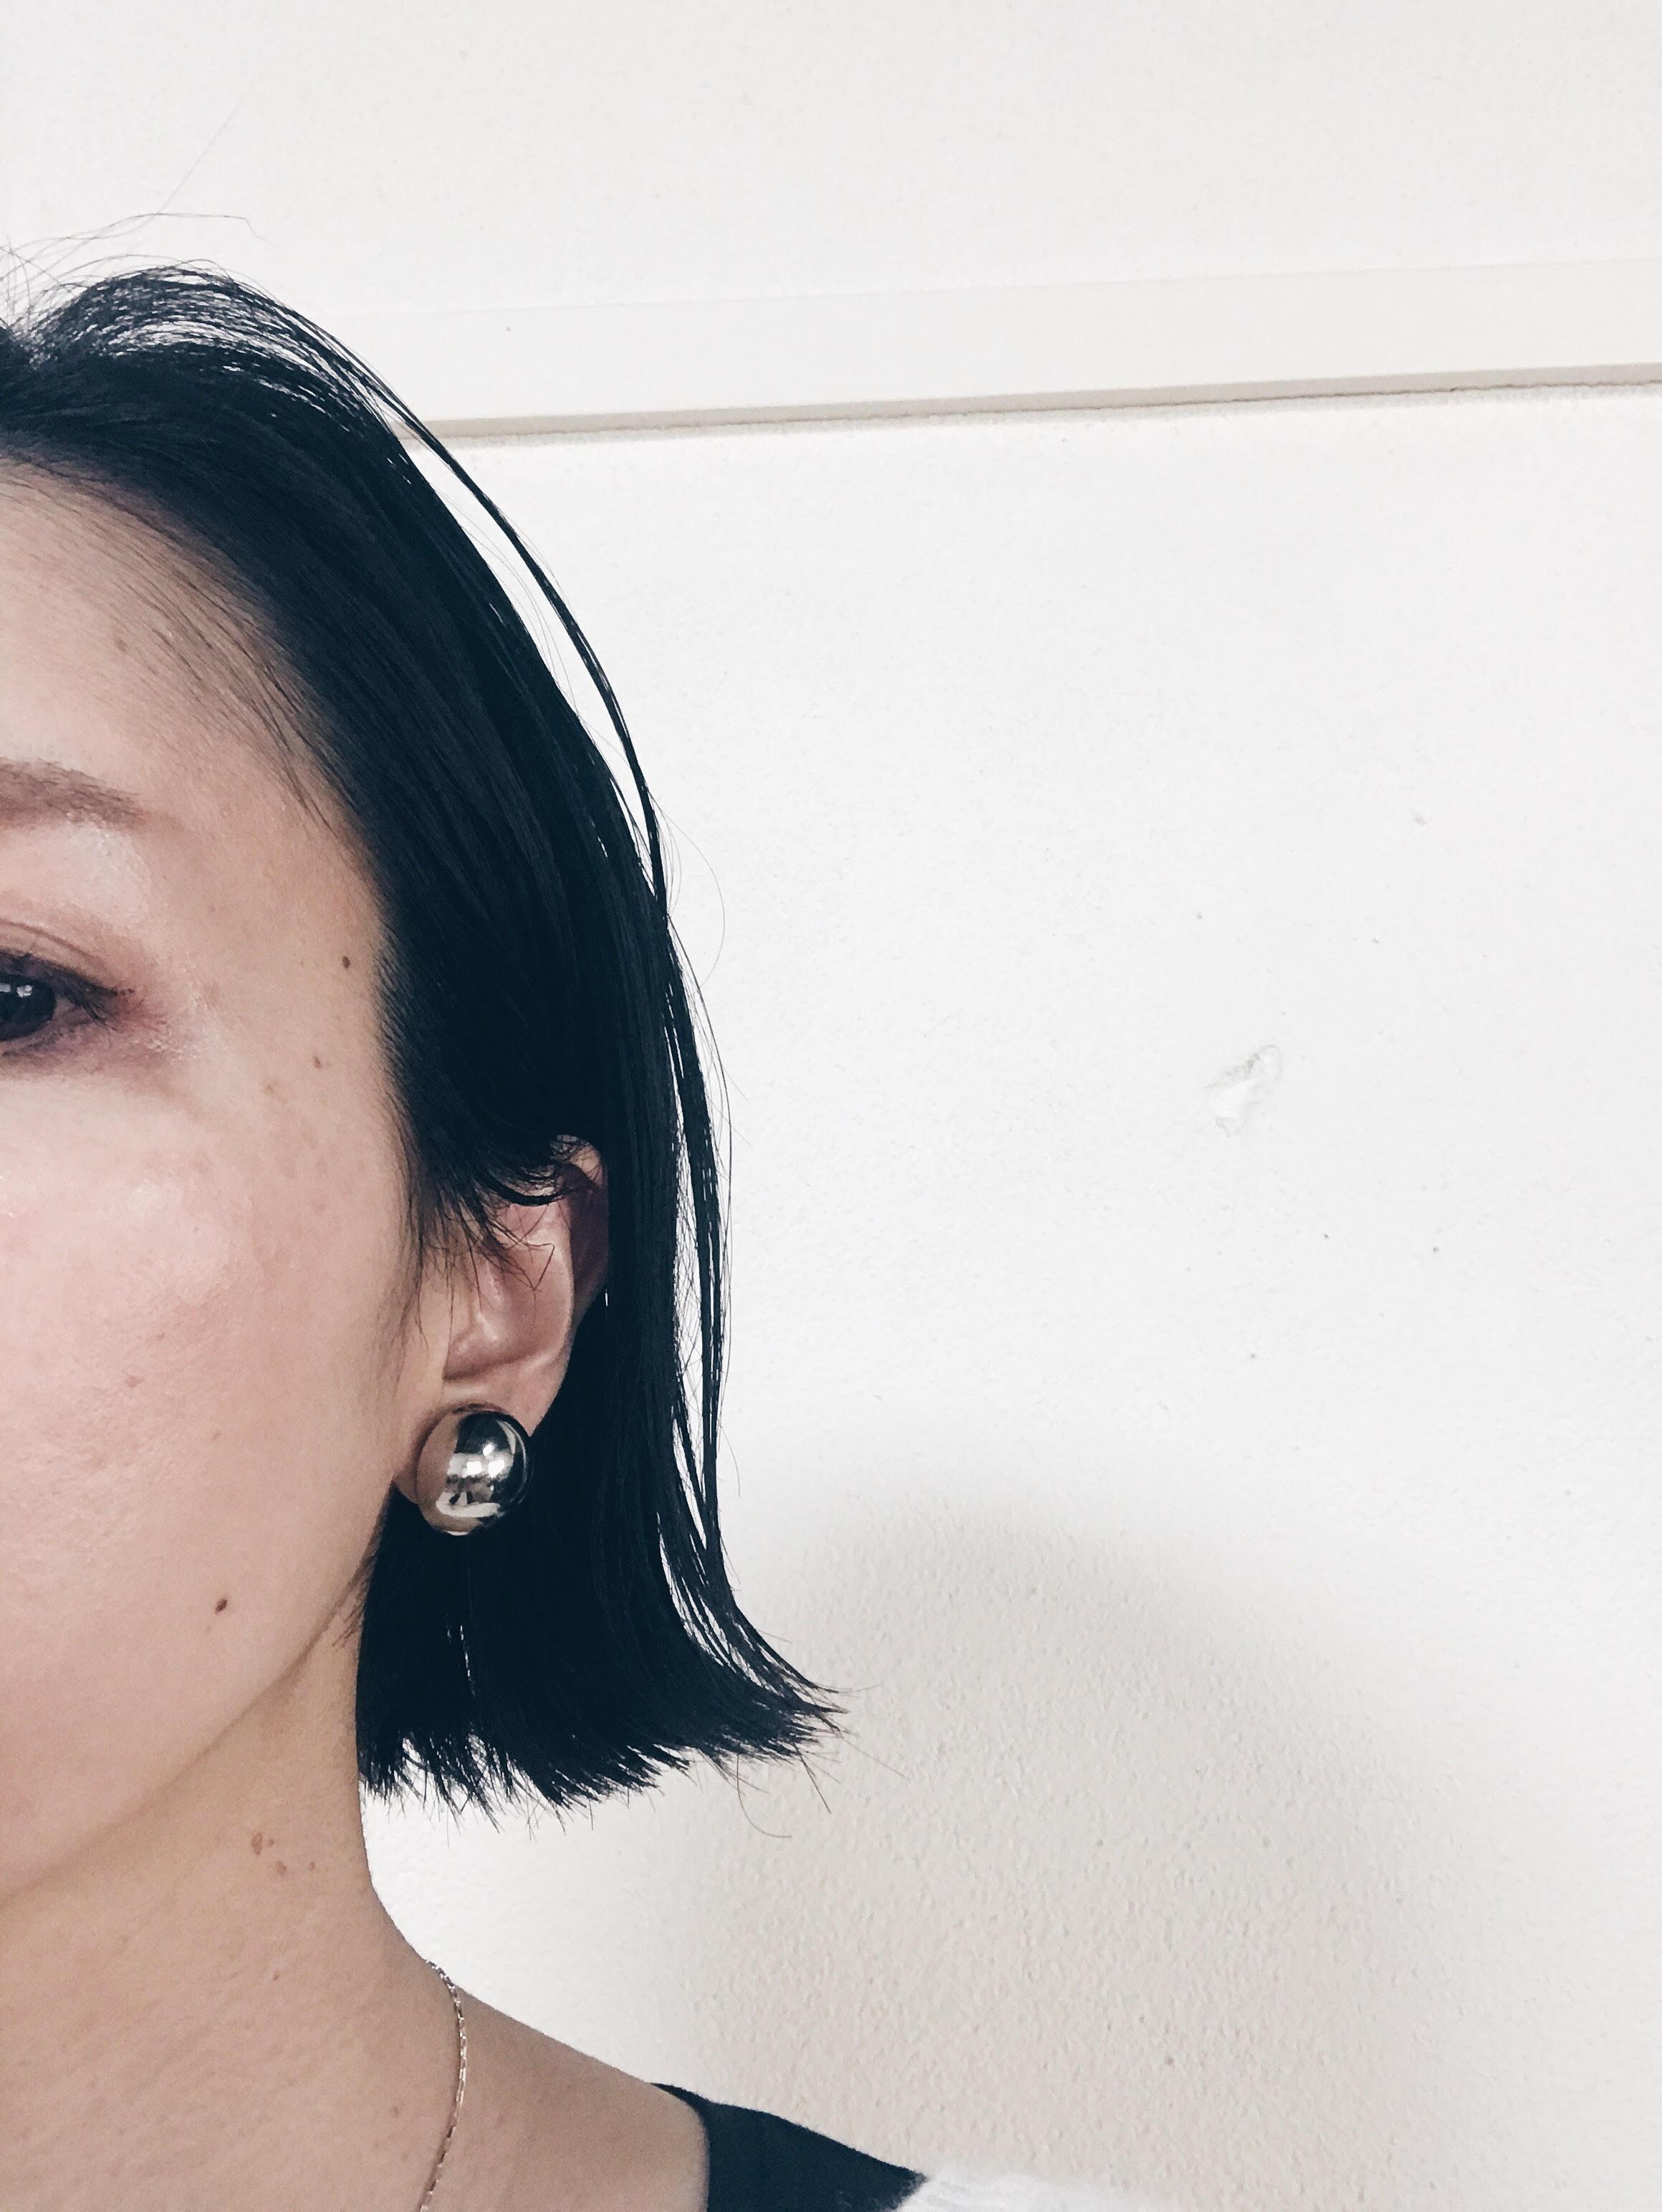 もっと切りたいですが、これ以上切ると毛の量がハンパないんで限界かもです。。。  もっと毛が柔らかくてクセ毛じゃなければといつも思って  ポマードやジェルつけまくってます!  みなさんも色々髪型ご相談下さいませ。。。    今吉 美佳  HAUL PRODUCTS AREA   〒531-0076 大阪市北区大淀中1-13-15   06-4798-8866